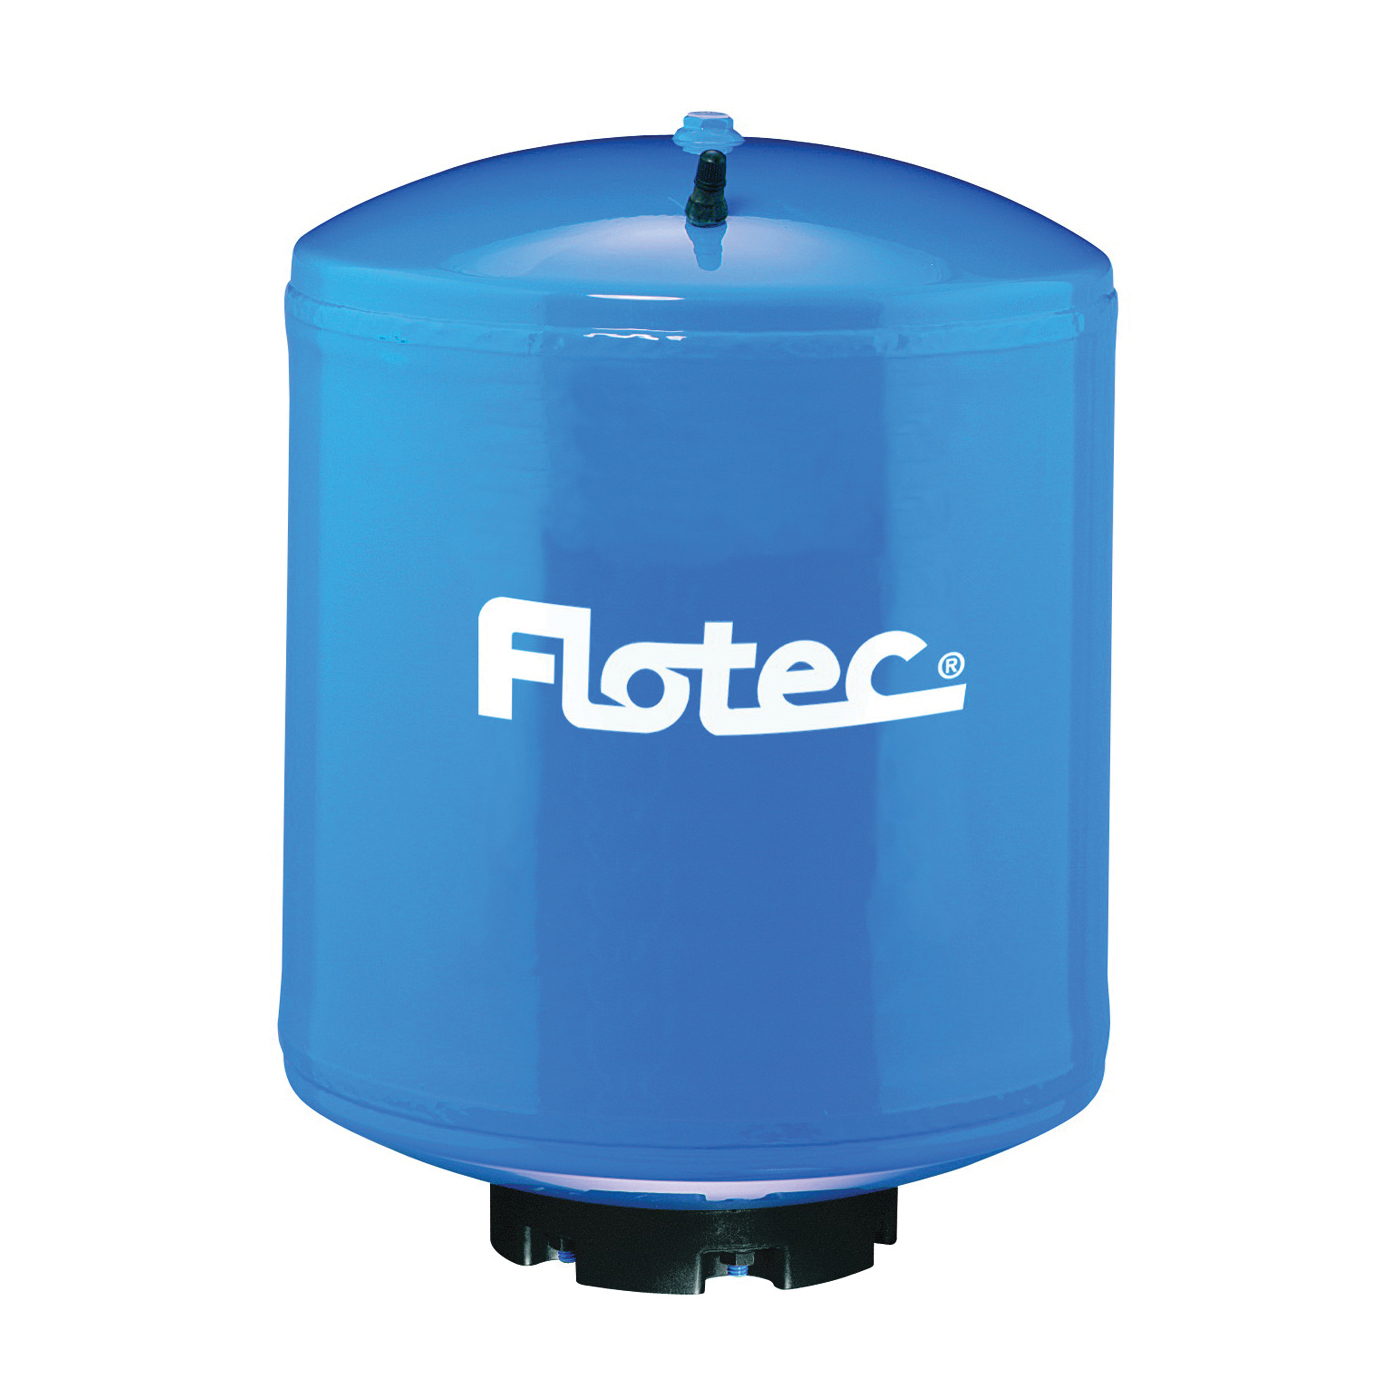 Picture of Flotec FP7100-09/01 Pressure Tank, 6 gal Capacity, 100 psi Working, Steel